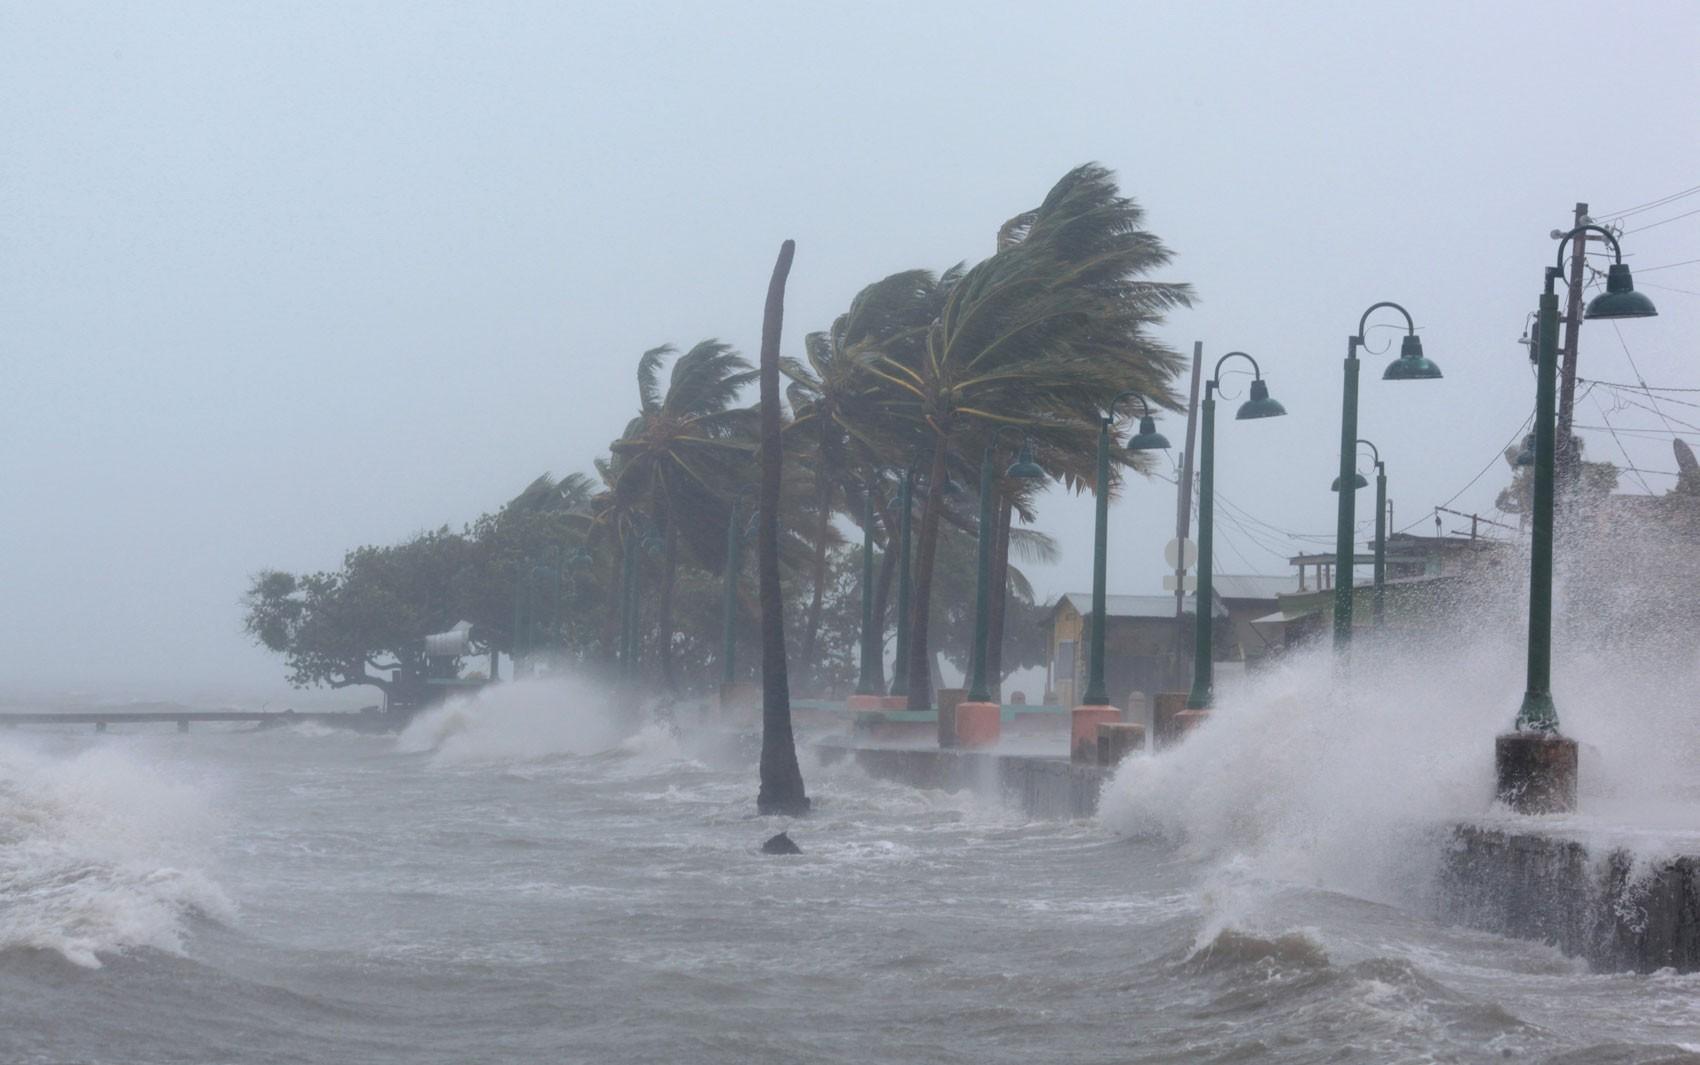 Companhias aéreas brasileiras se preparam para impactos do furacão Irma no Caribe e EUA